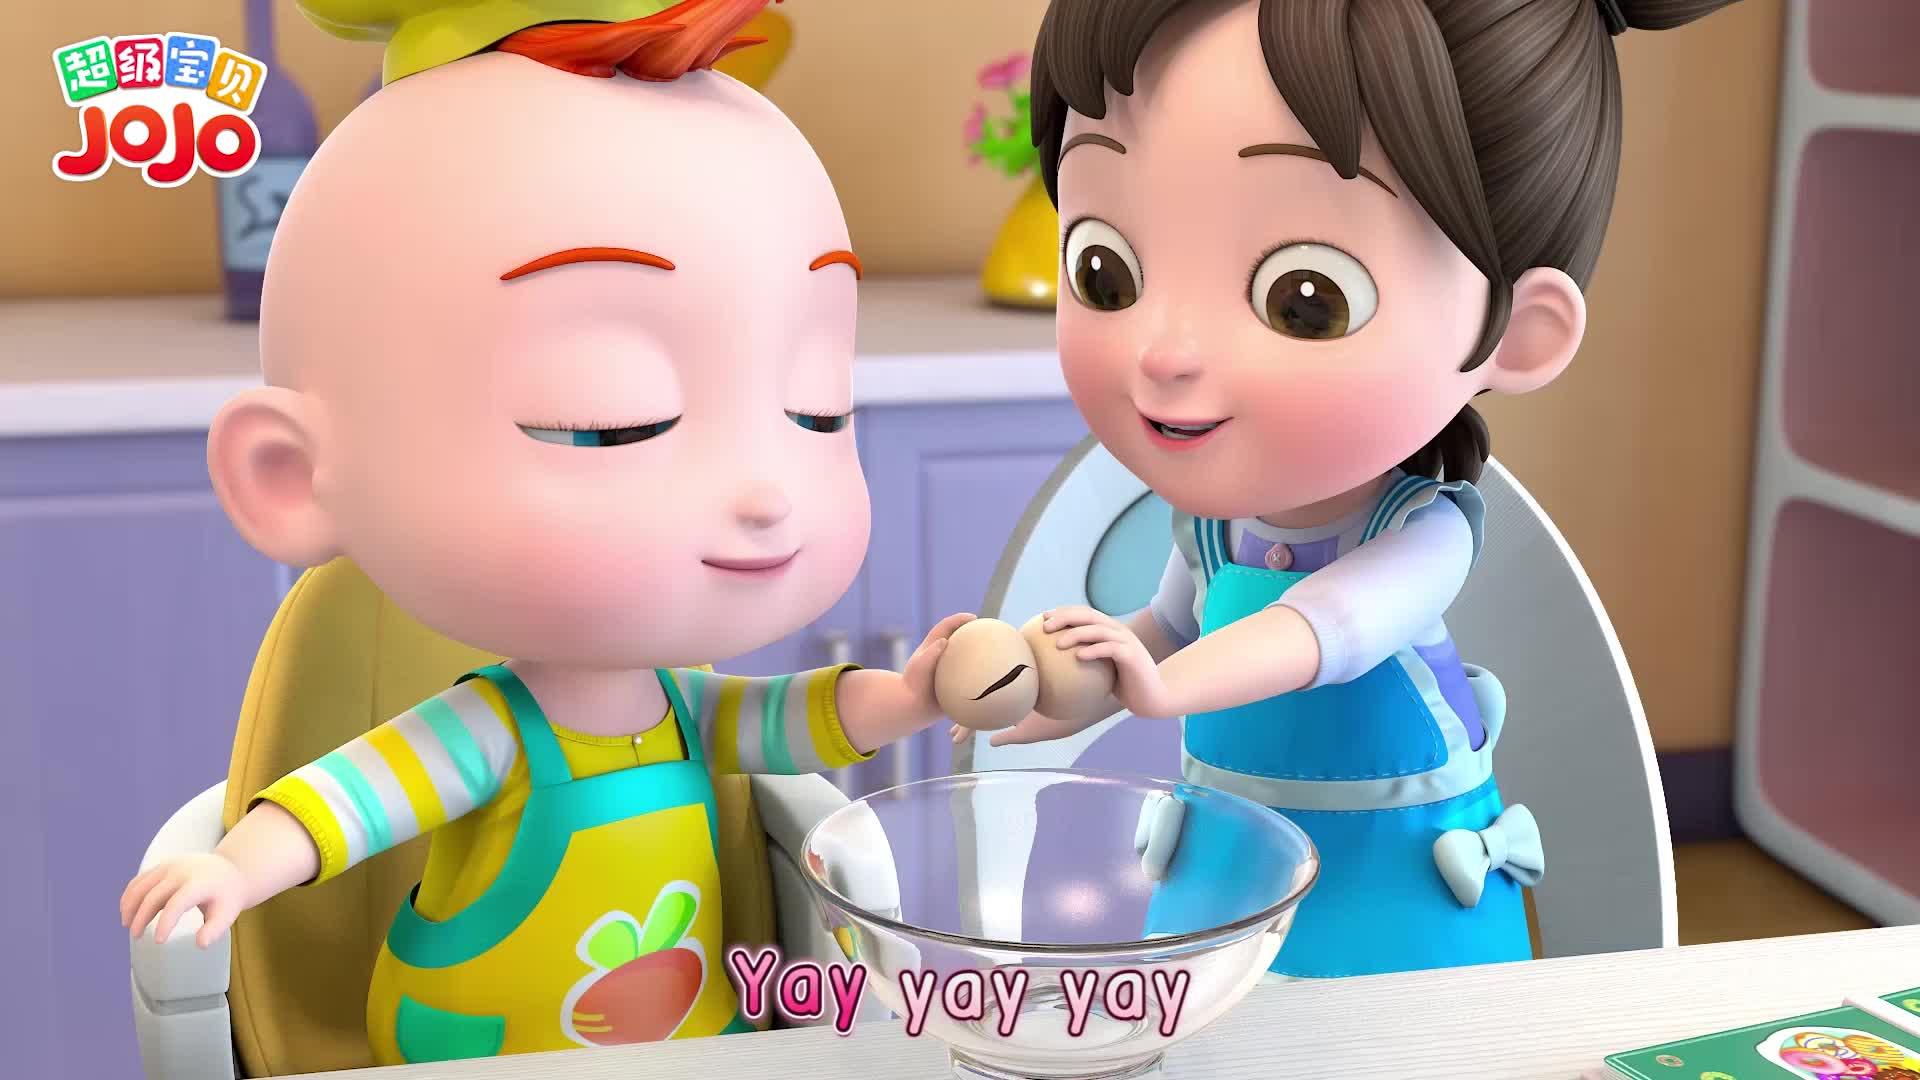 超级宝贝JOJO 第27集 我会做甜甜圈